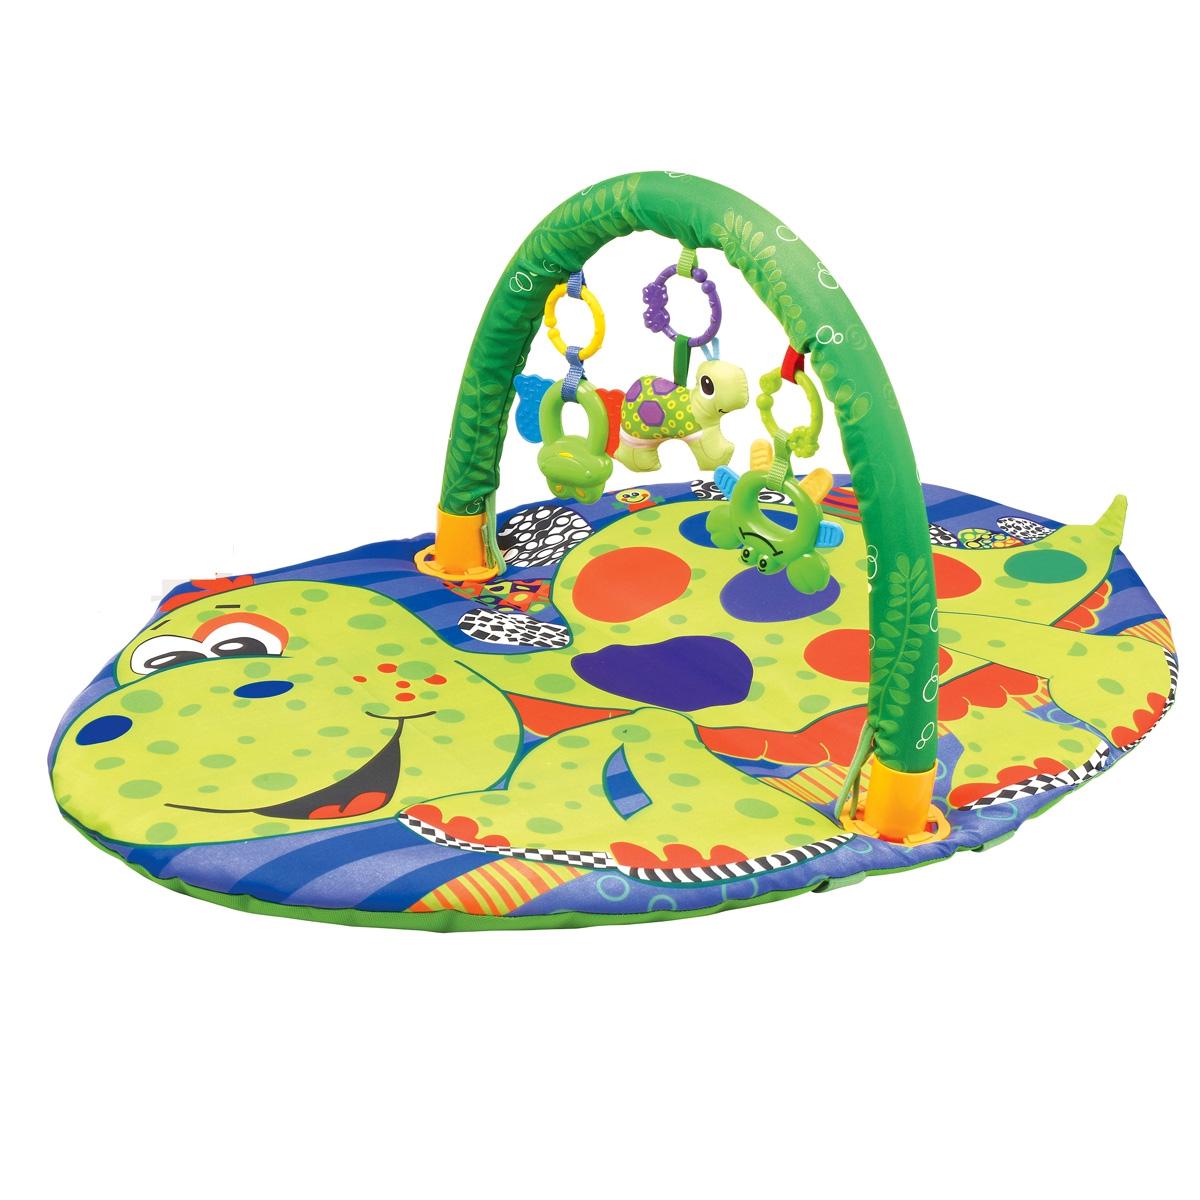 Купить Развивающий коврик, Разноцветная черепаха, 1шт., Ути Пути 49389, Китай, разноцветный